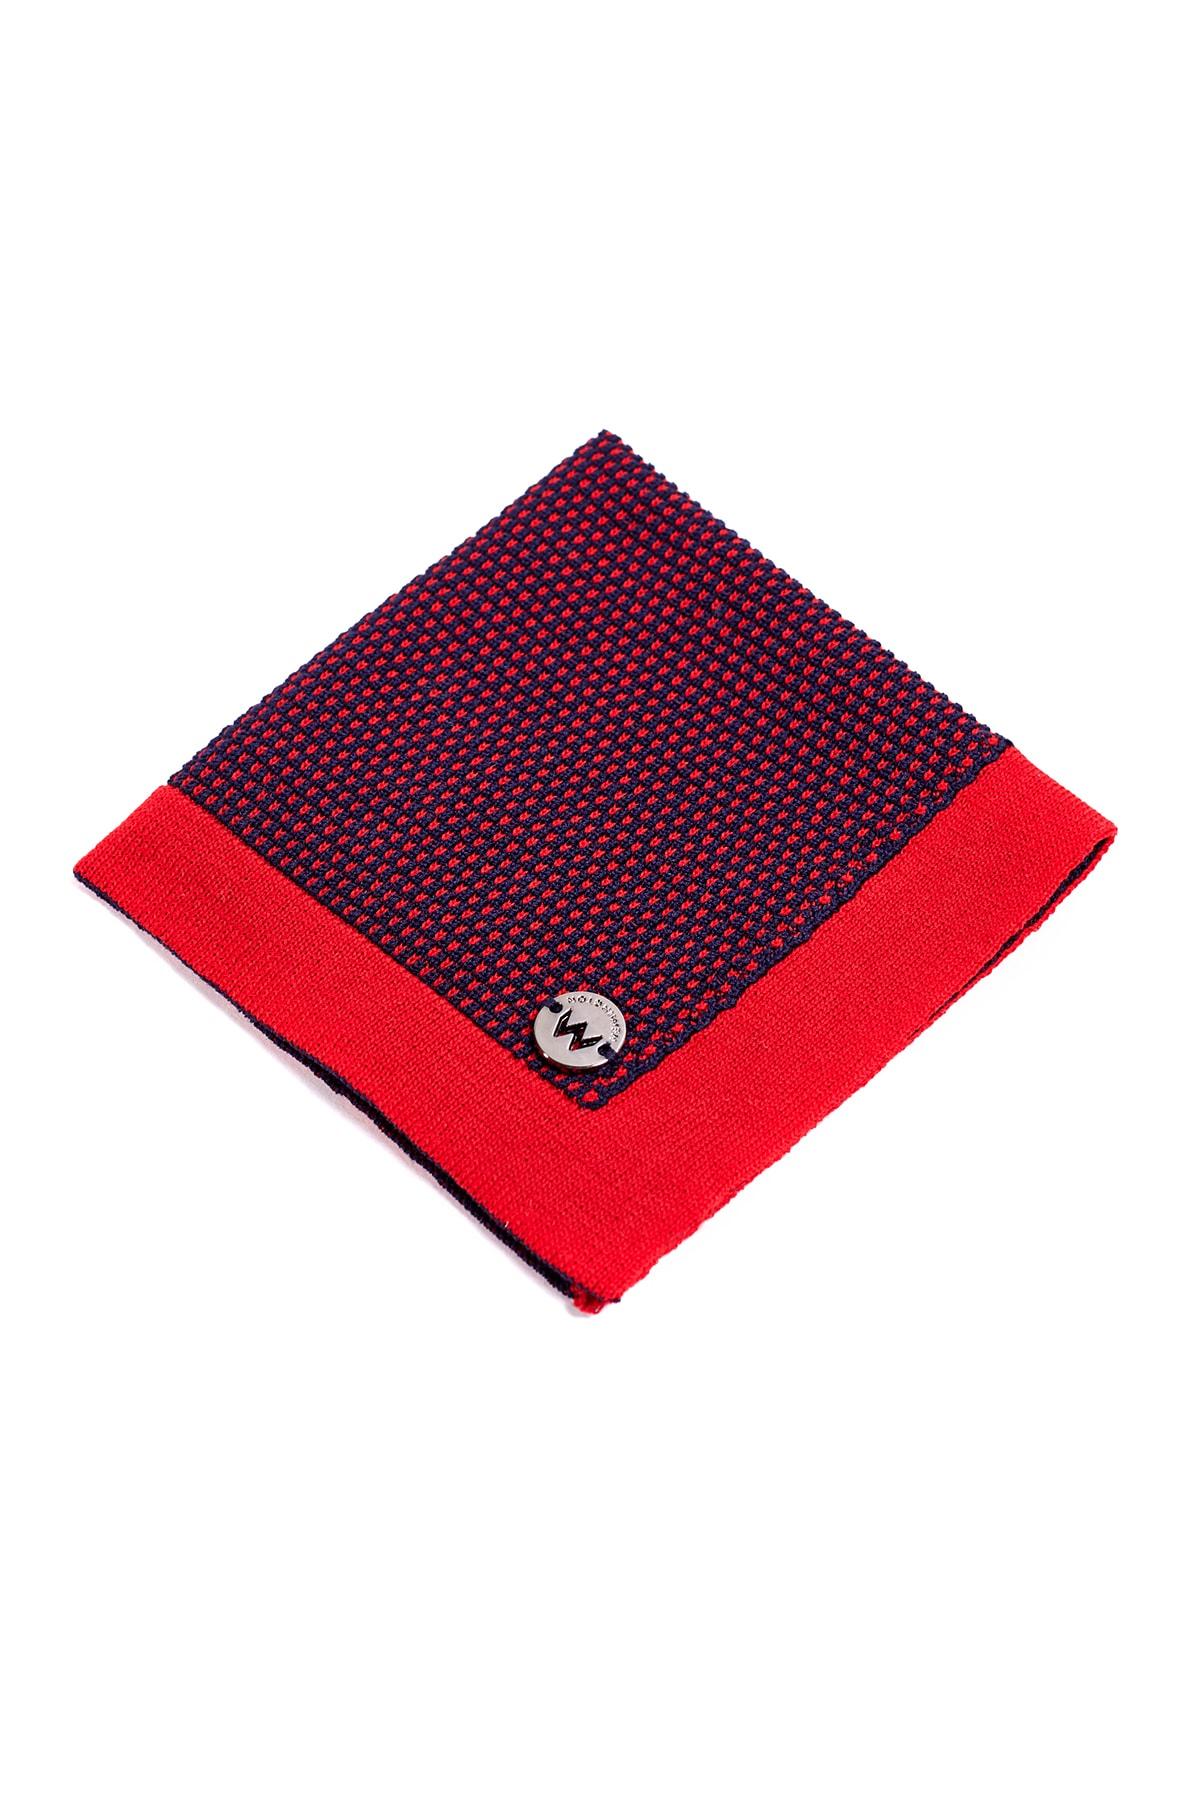 Hemington Erkek Lacivert Kırmızı Mikro Desen Örgü Mendil 1